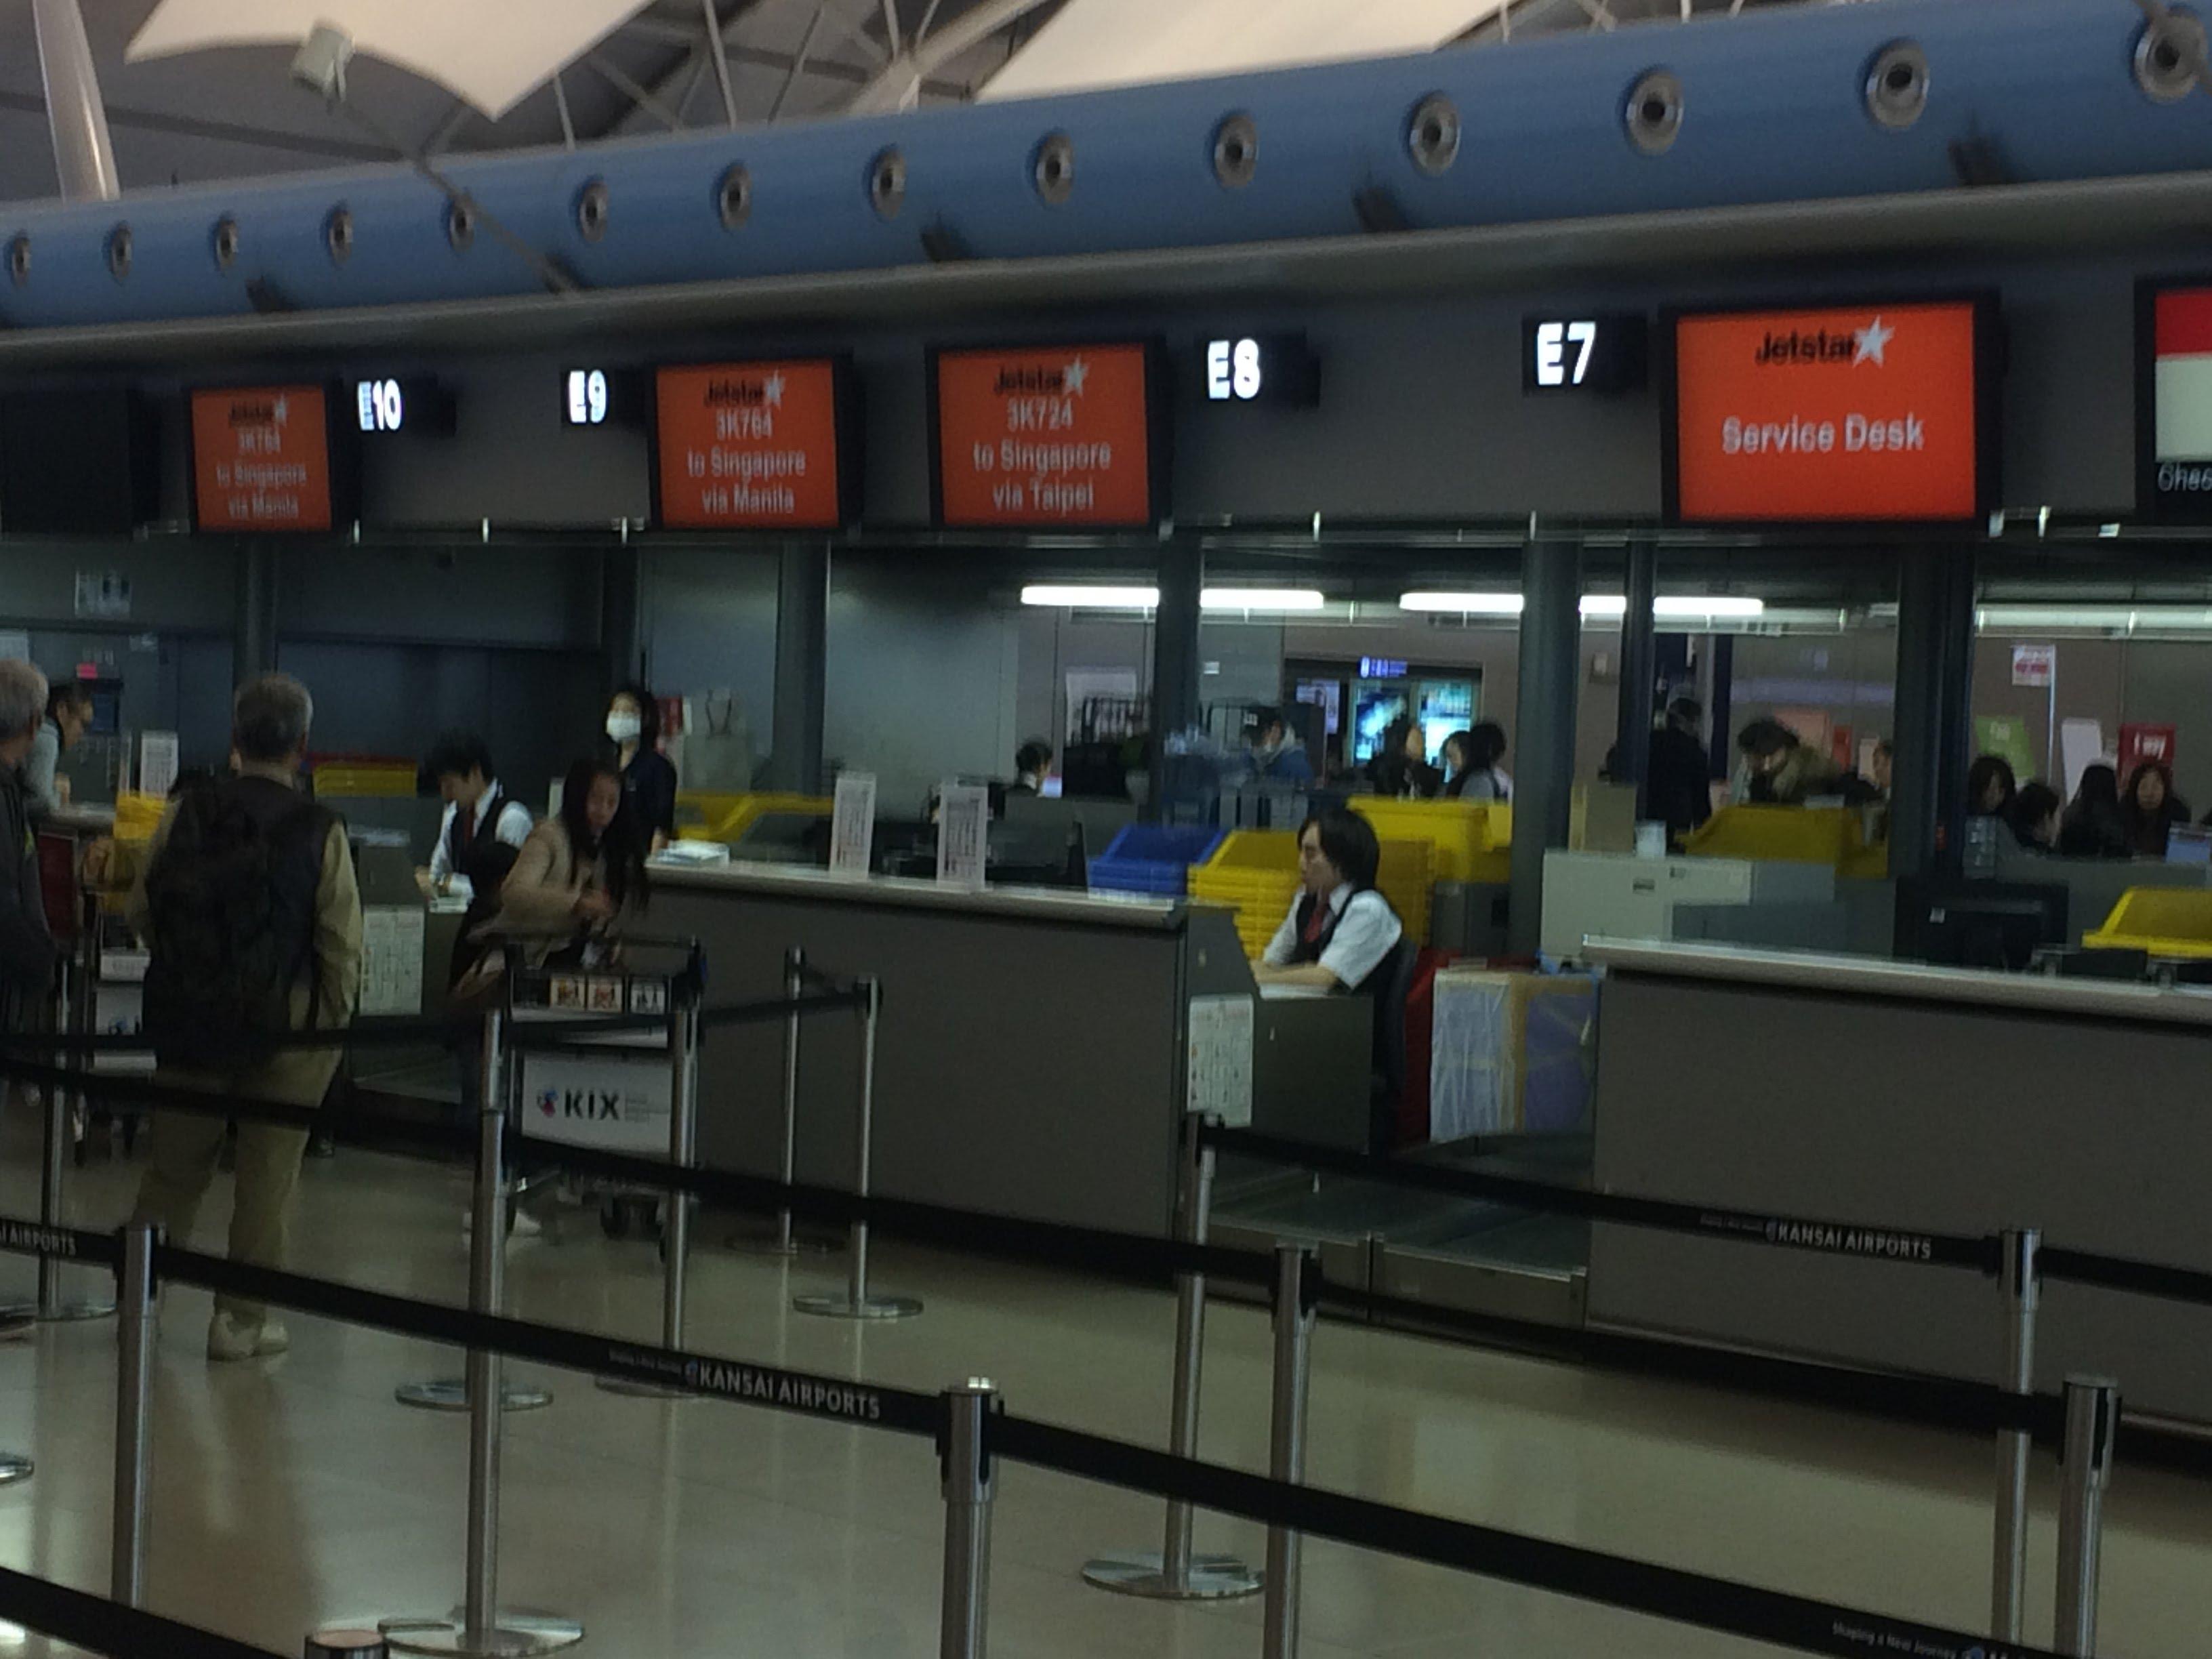 2018年1月速報小ネタ・関空(関西空港 KIX)からアンヘレス(クラーク CRK)へジェットスターが直行便を出すらしい件